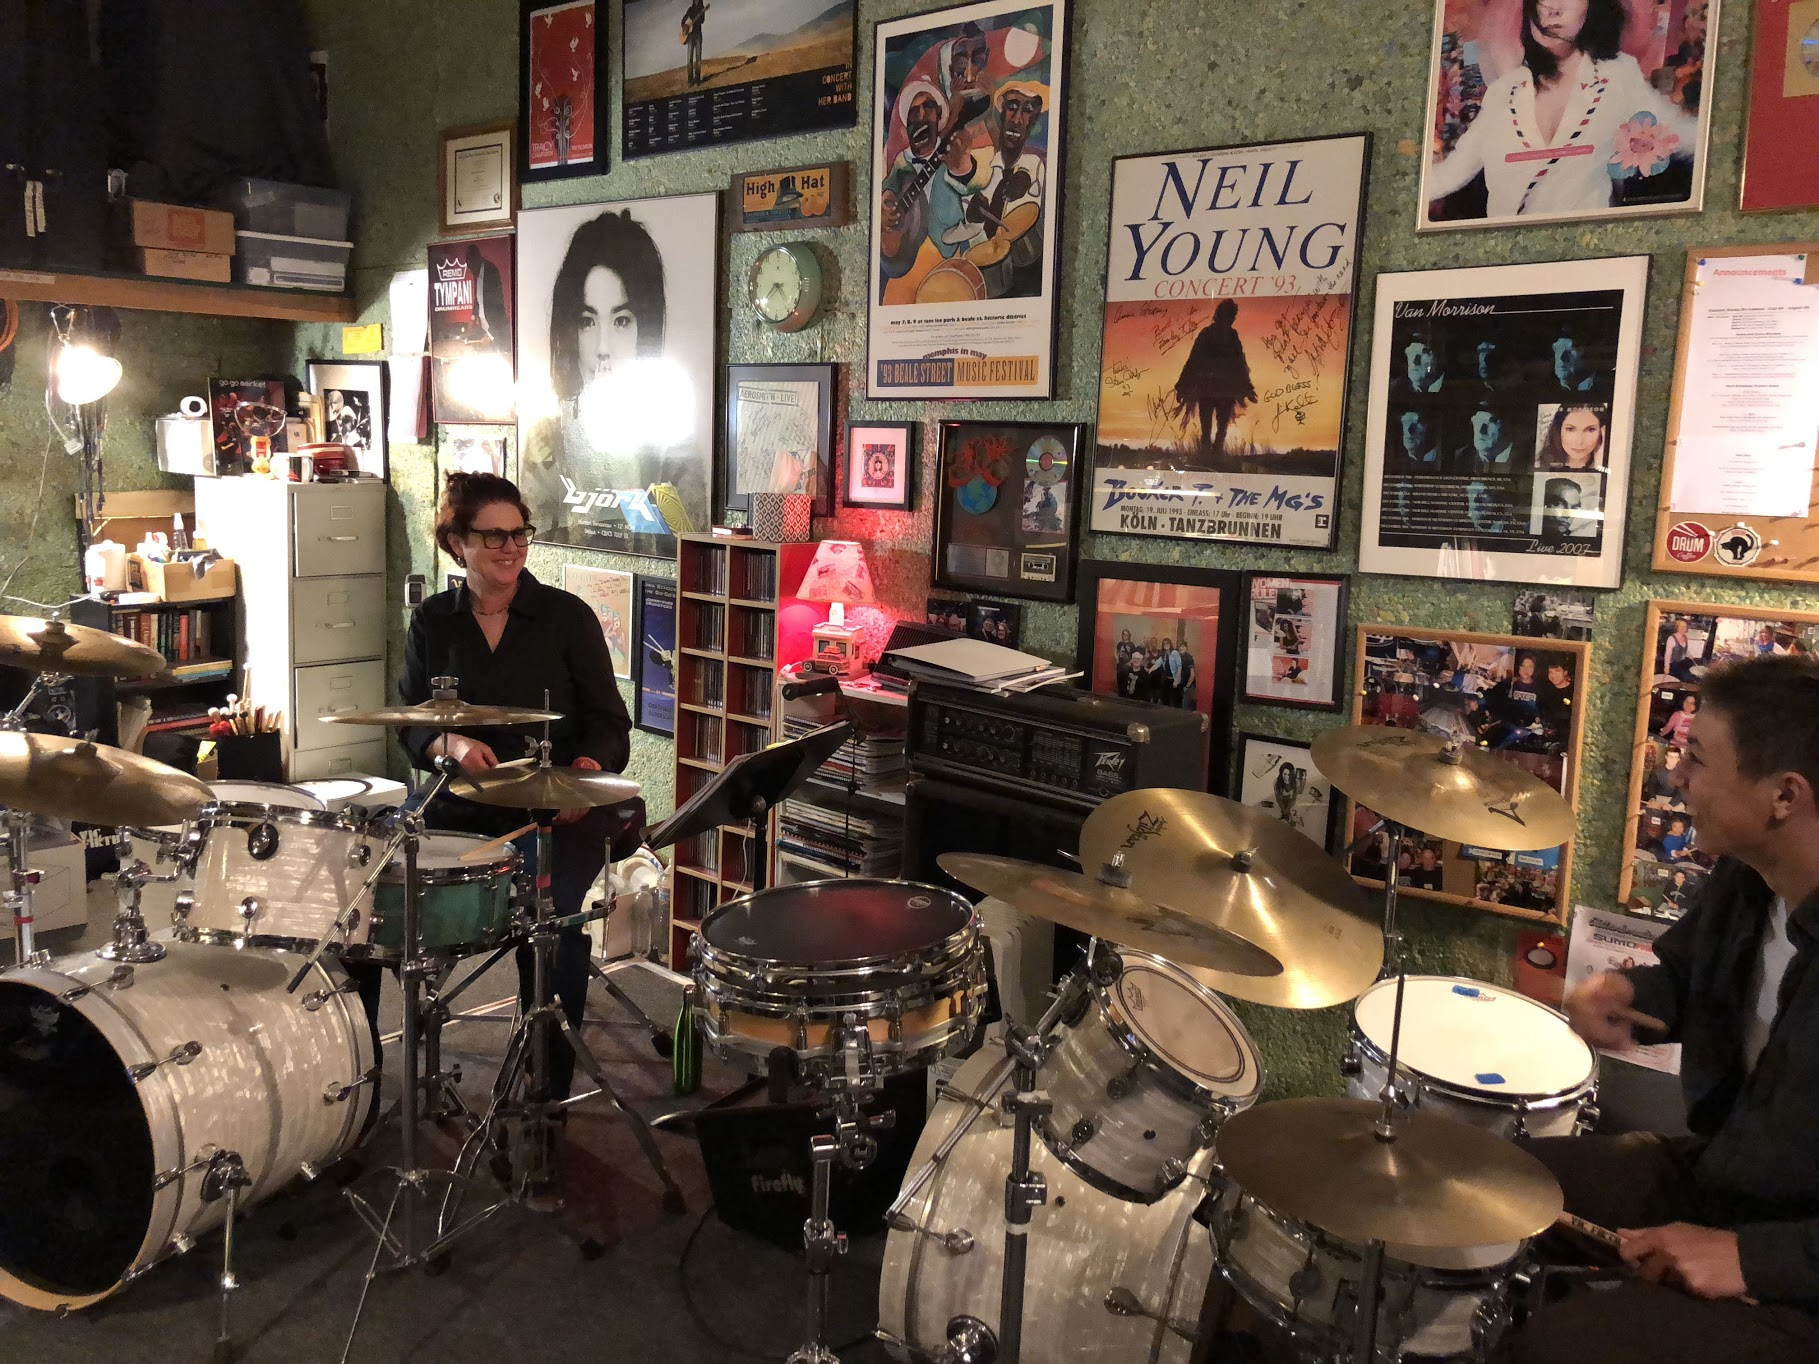 dawn-teaching-drums-san-francisco.JPG